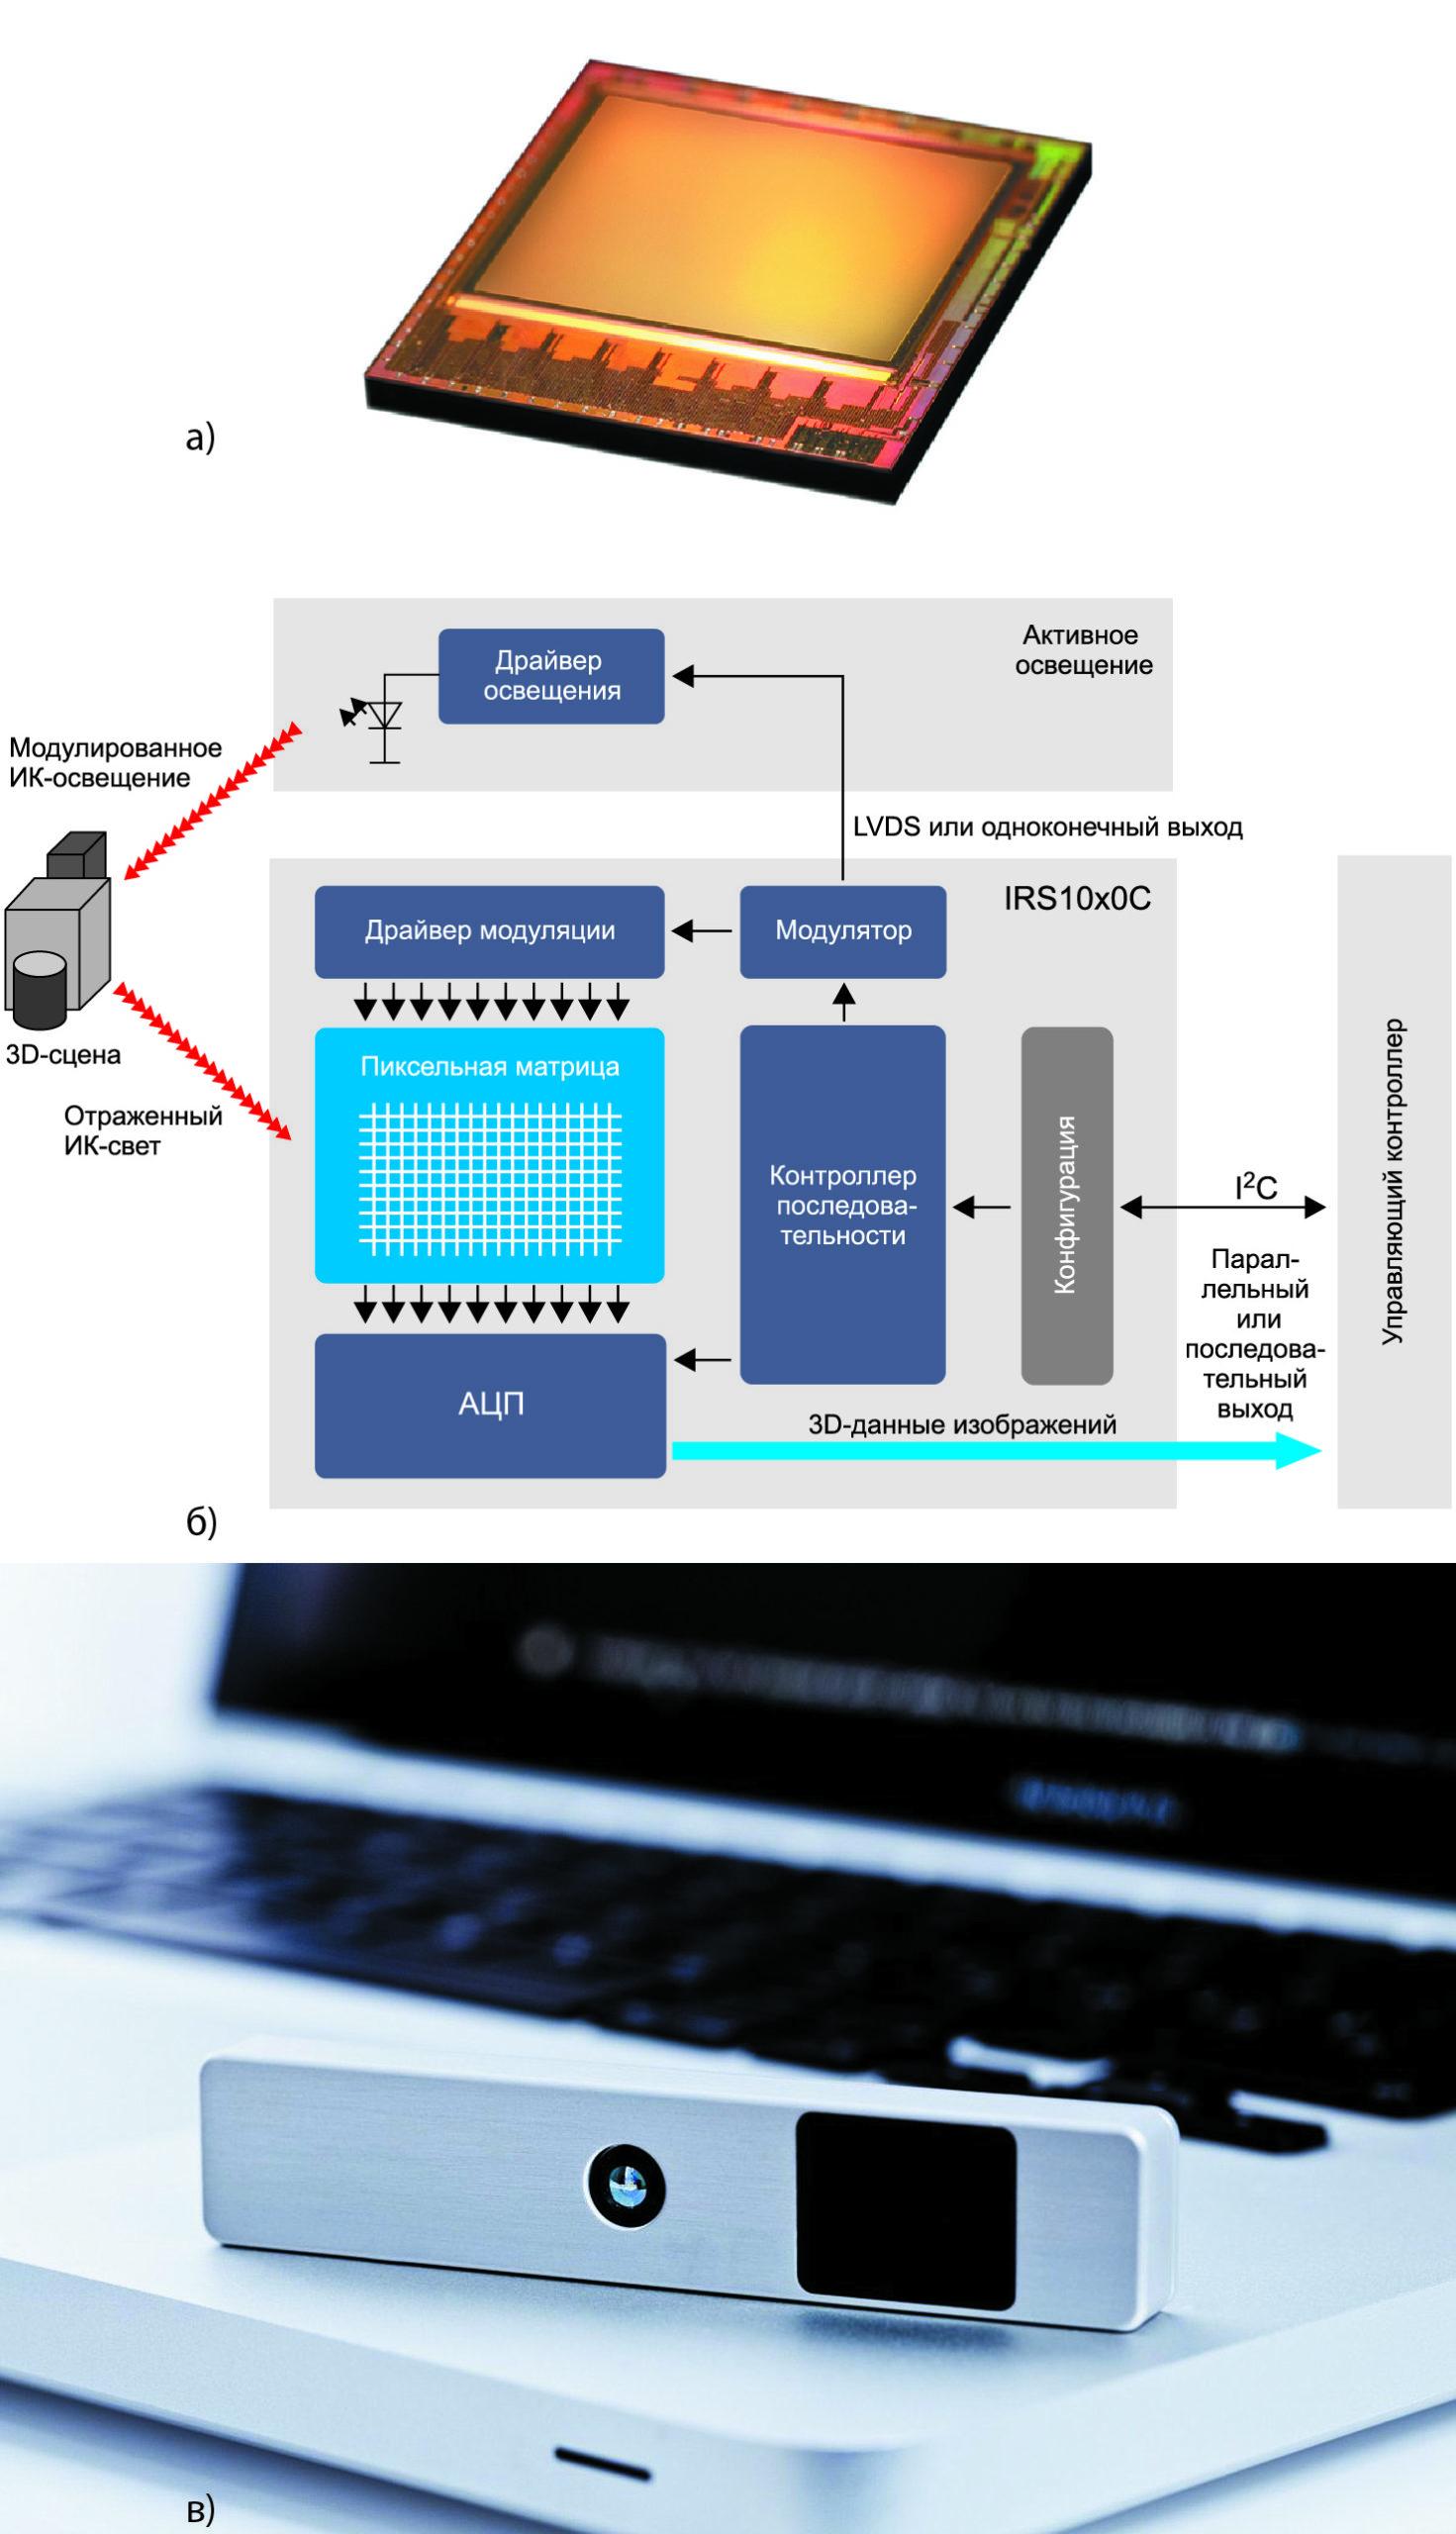 Новые 3D ToF-датчики изображения от Infineon и PMD Technologies — в наивысшей степени интегрированные 3D-кристаллы для естественного пользовательского интерфейса без касания